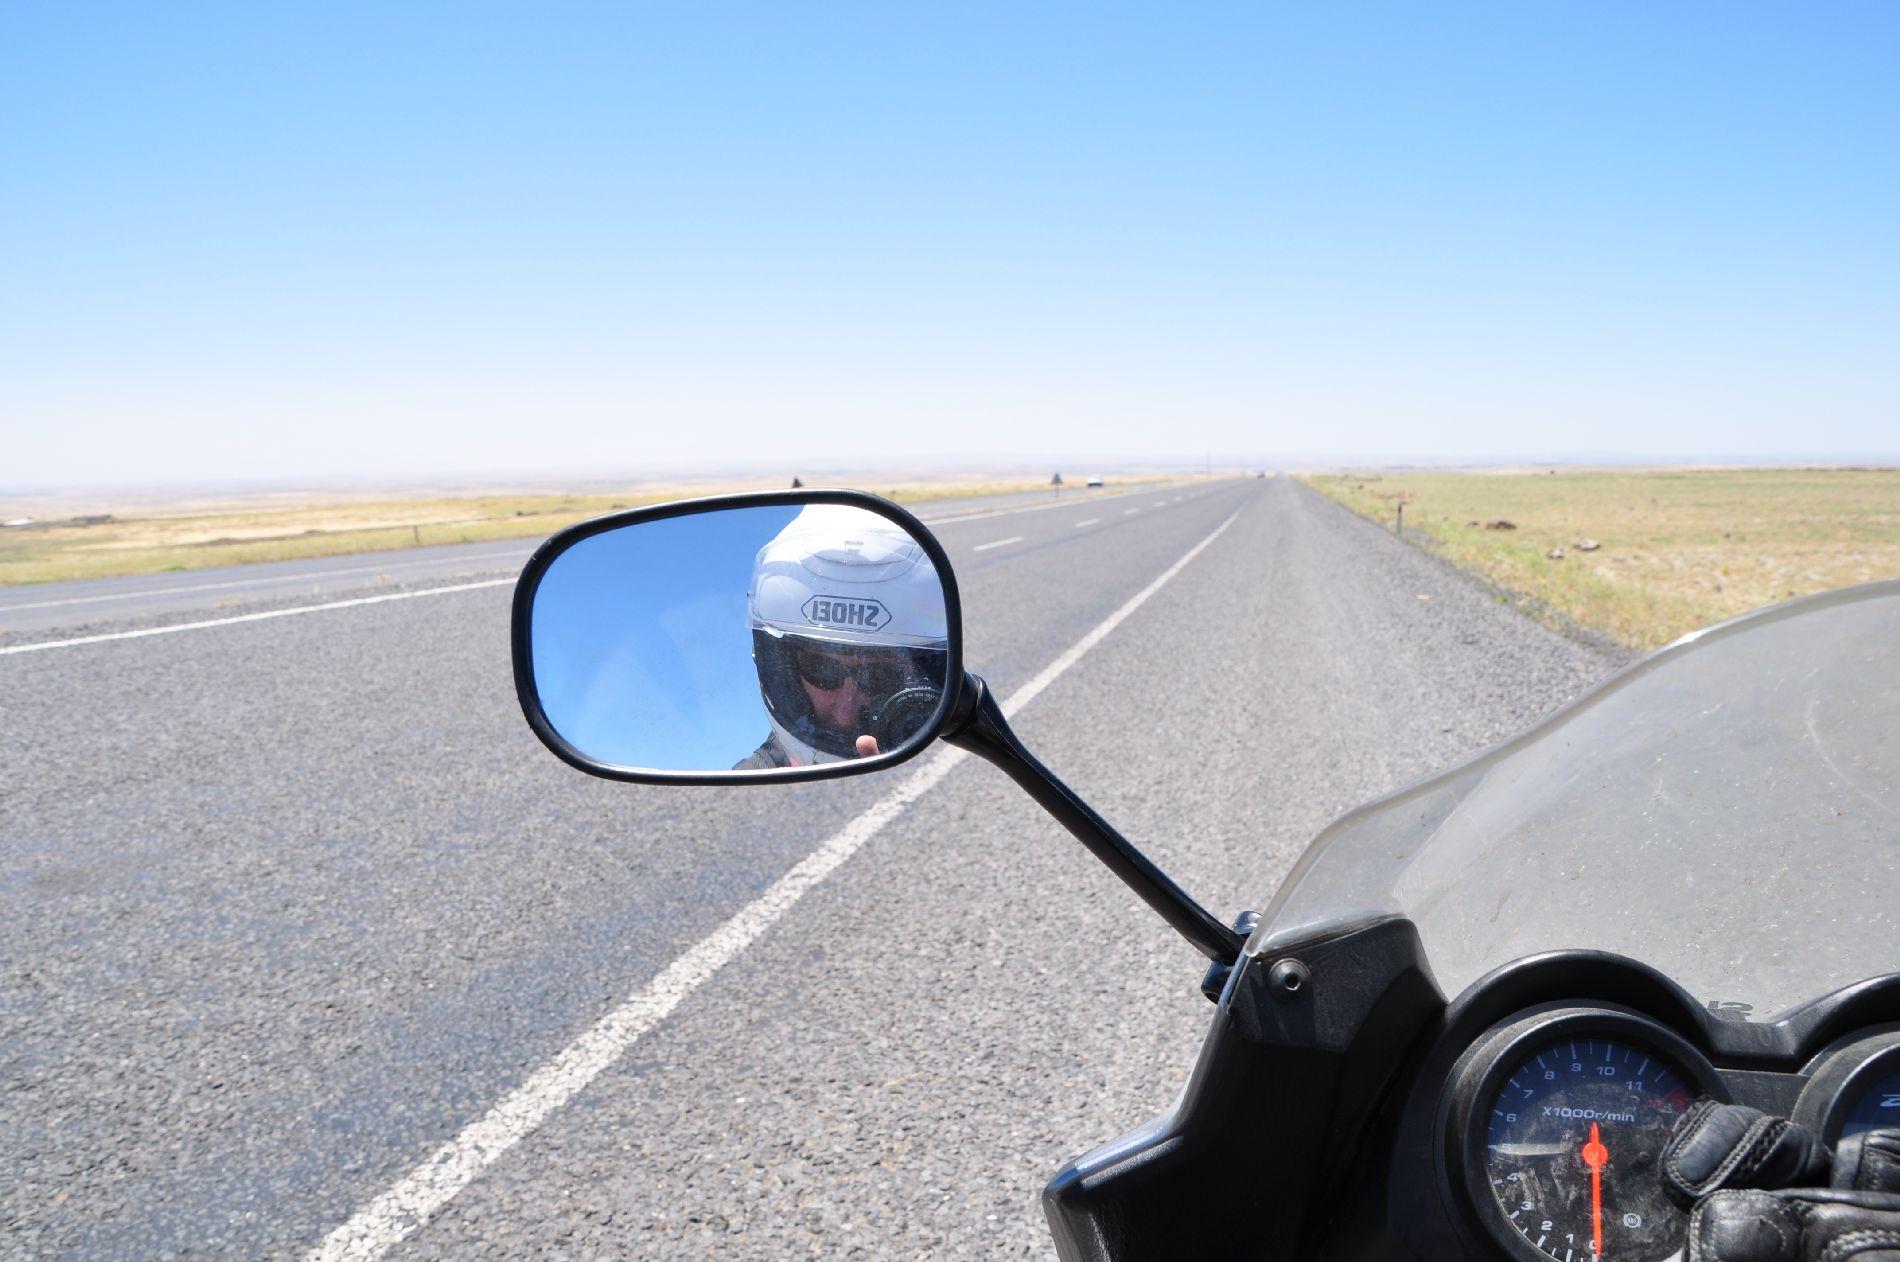 ein kurzer Blick in den Spiegel ob der Helm noch sitzt